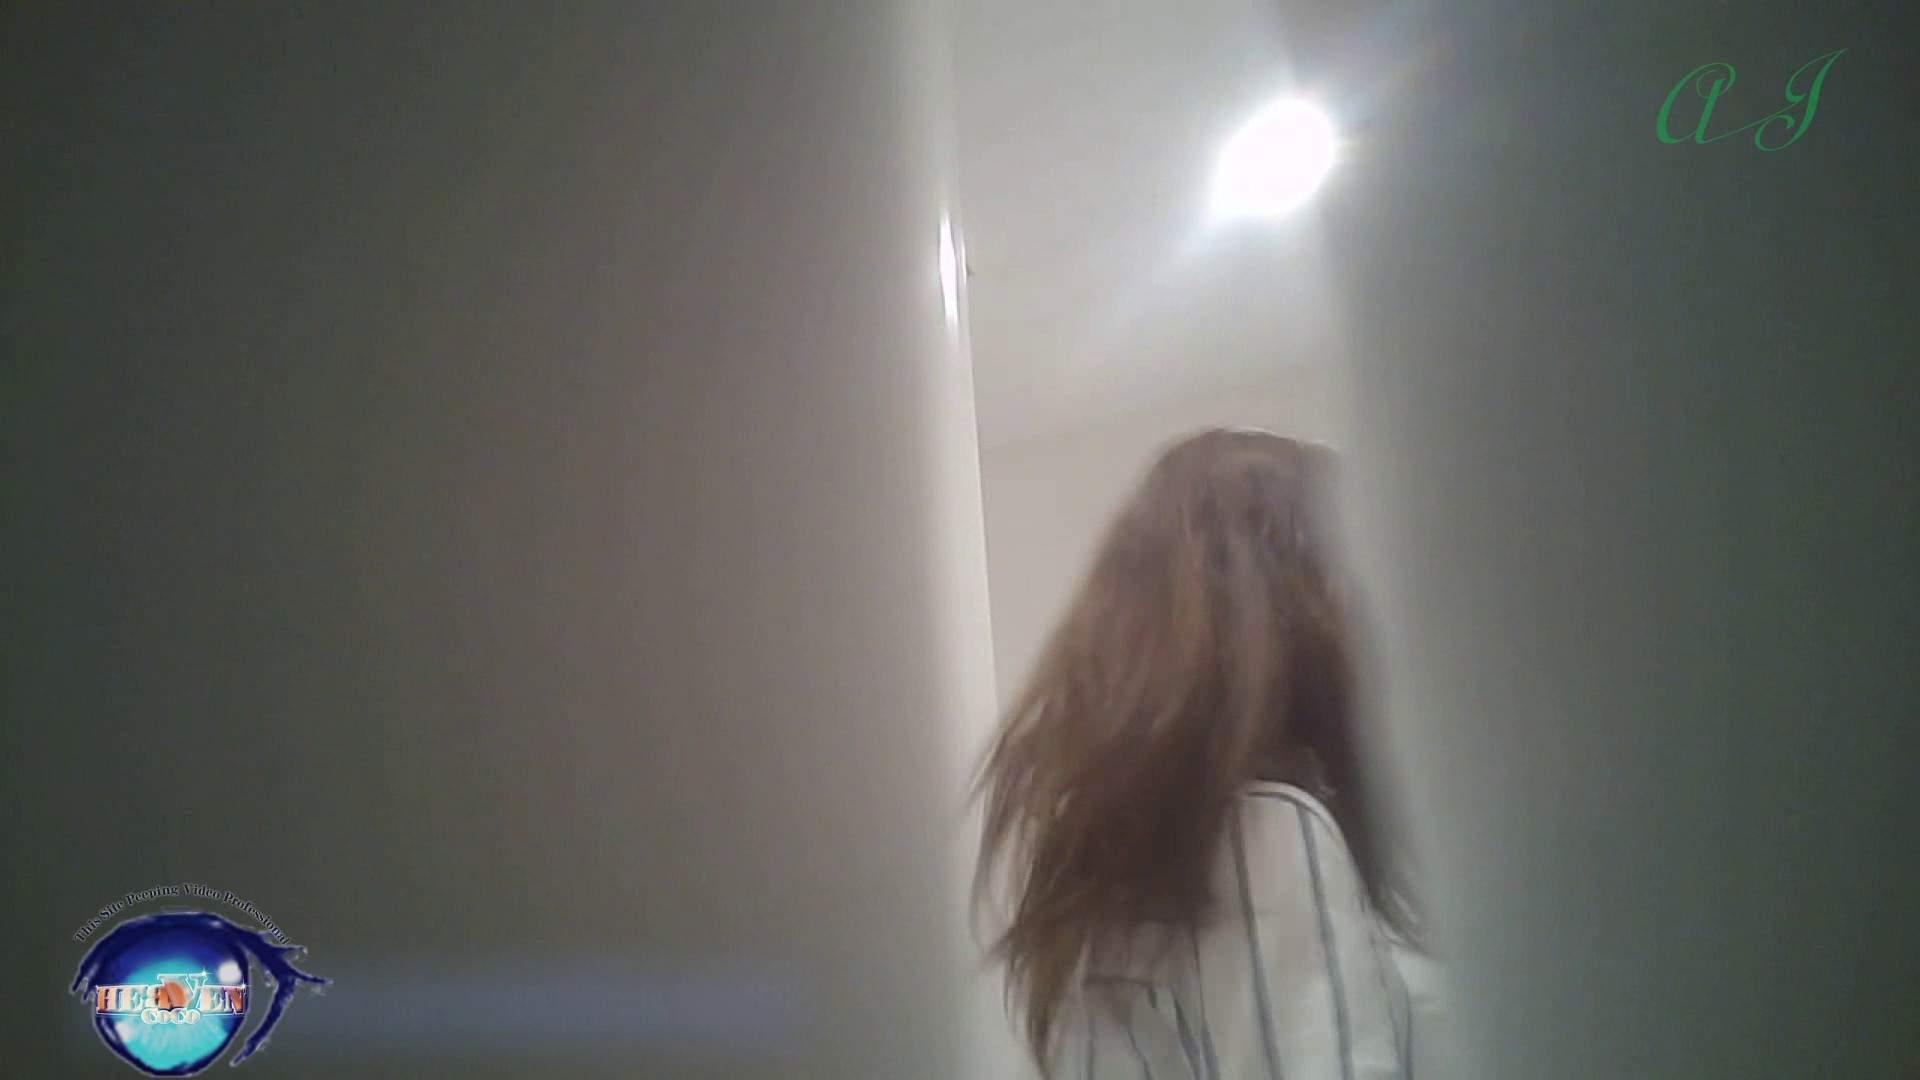 有名大学女性洗面所 vol.71 美女学生さんの潜入盗撮!前編 投稿 おまんこ動画流出 10枚 10